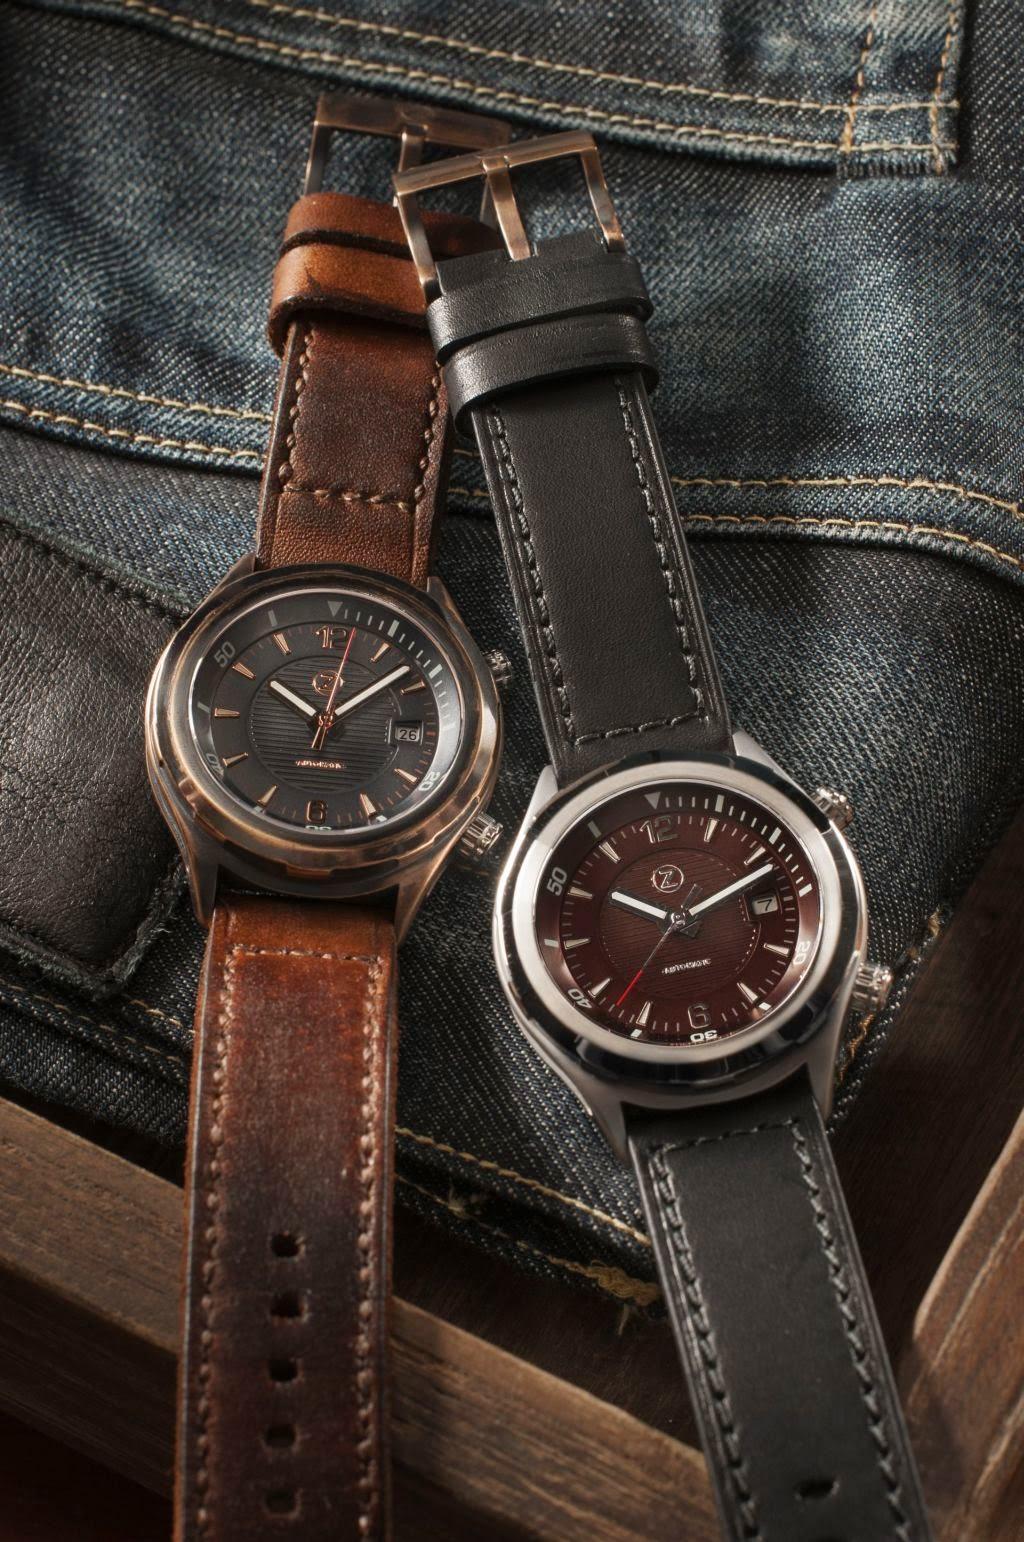 Zelos Helmsman automatic watch